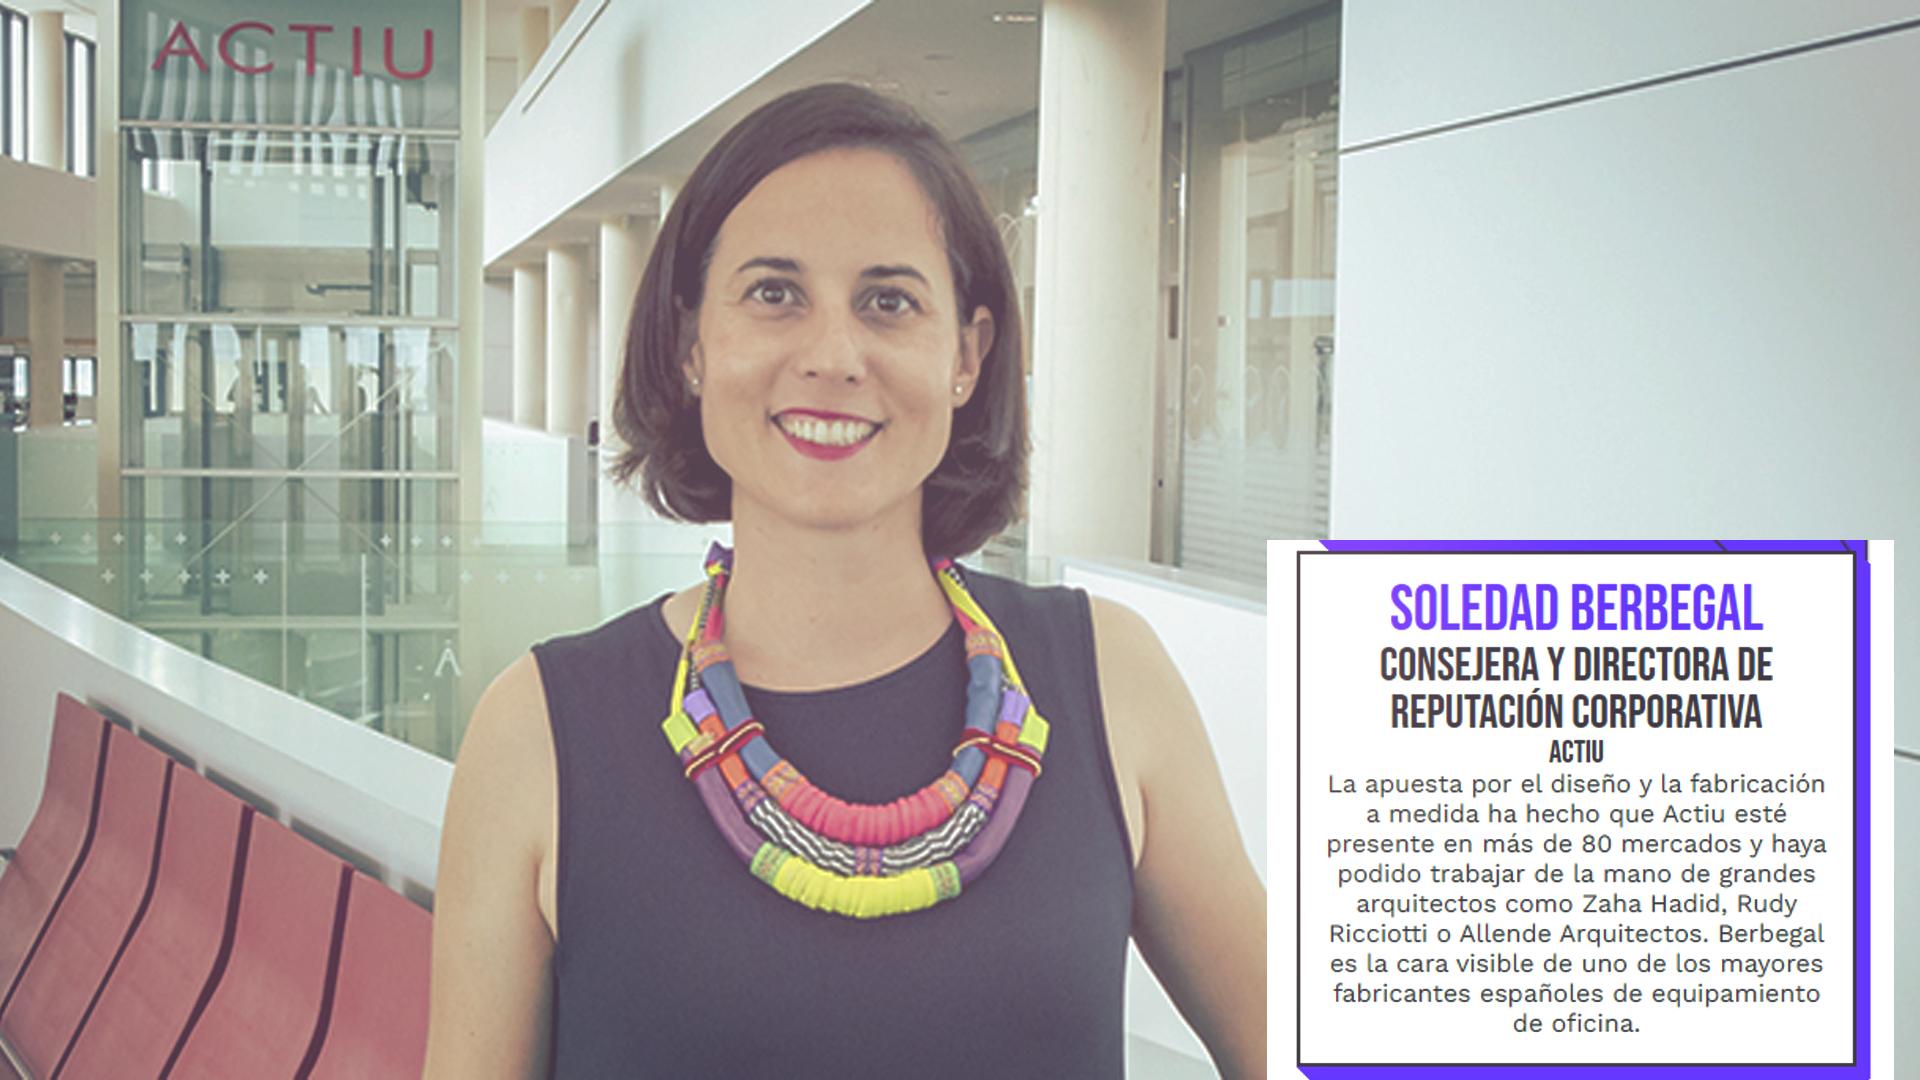 """Soledat Berbegal de Actiu, incluida en la lista Forbes """"Los 100 españoles más creativos en el mundo de los negocios"""""""